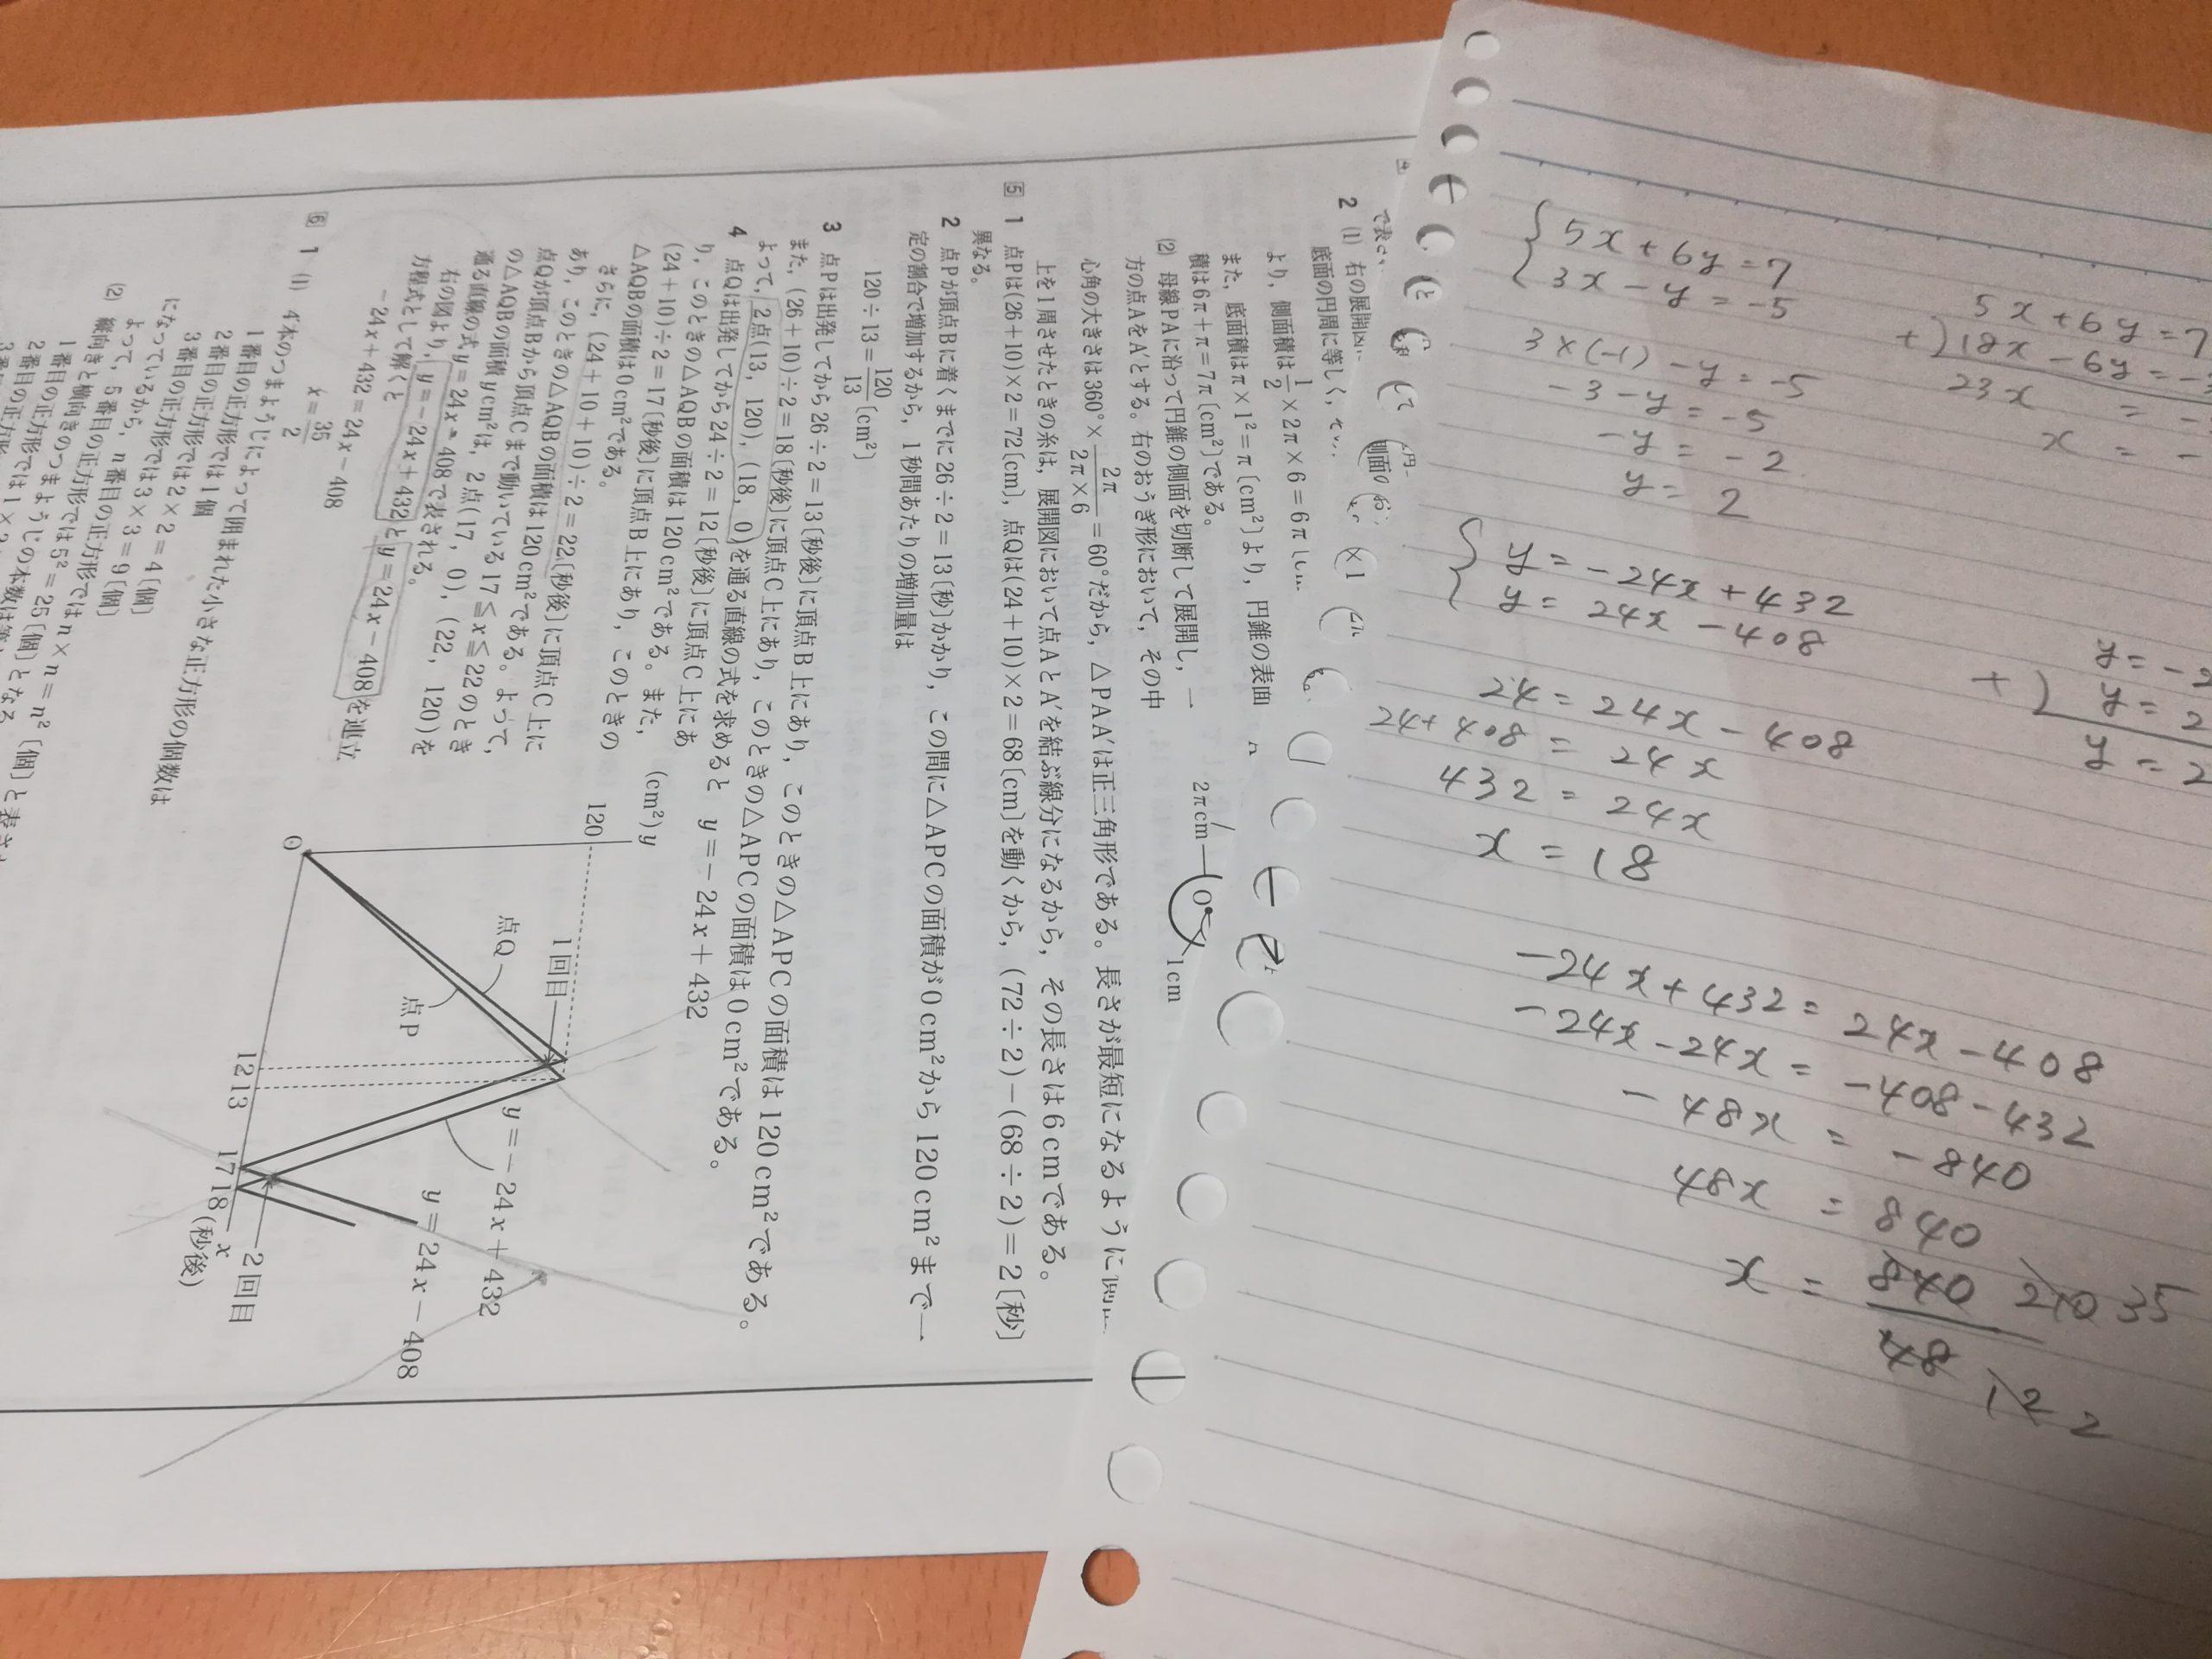 数学の問題と解答